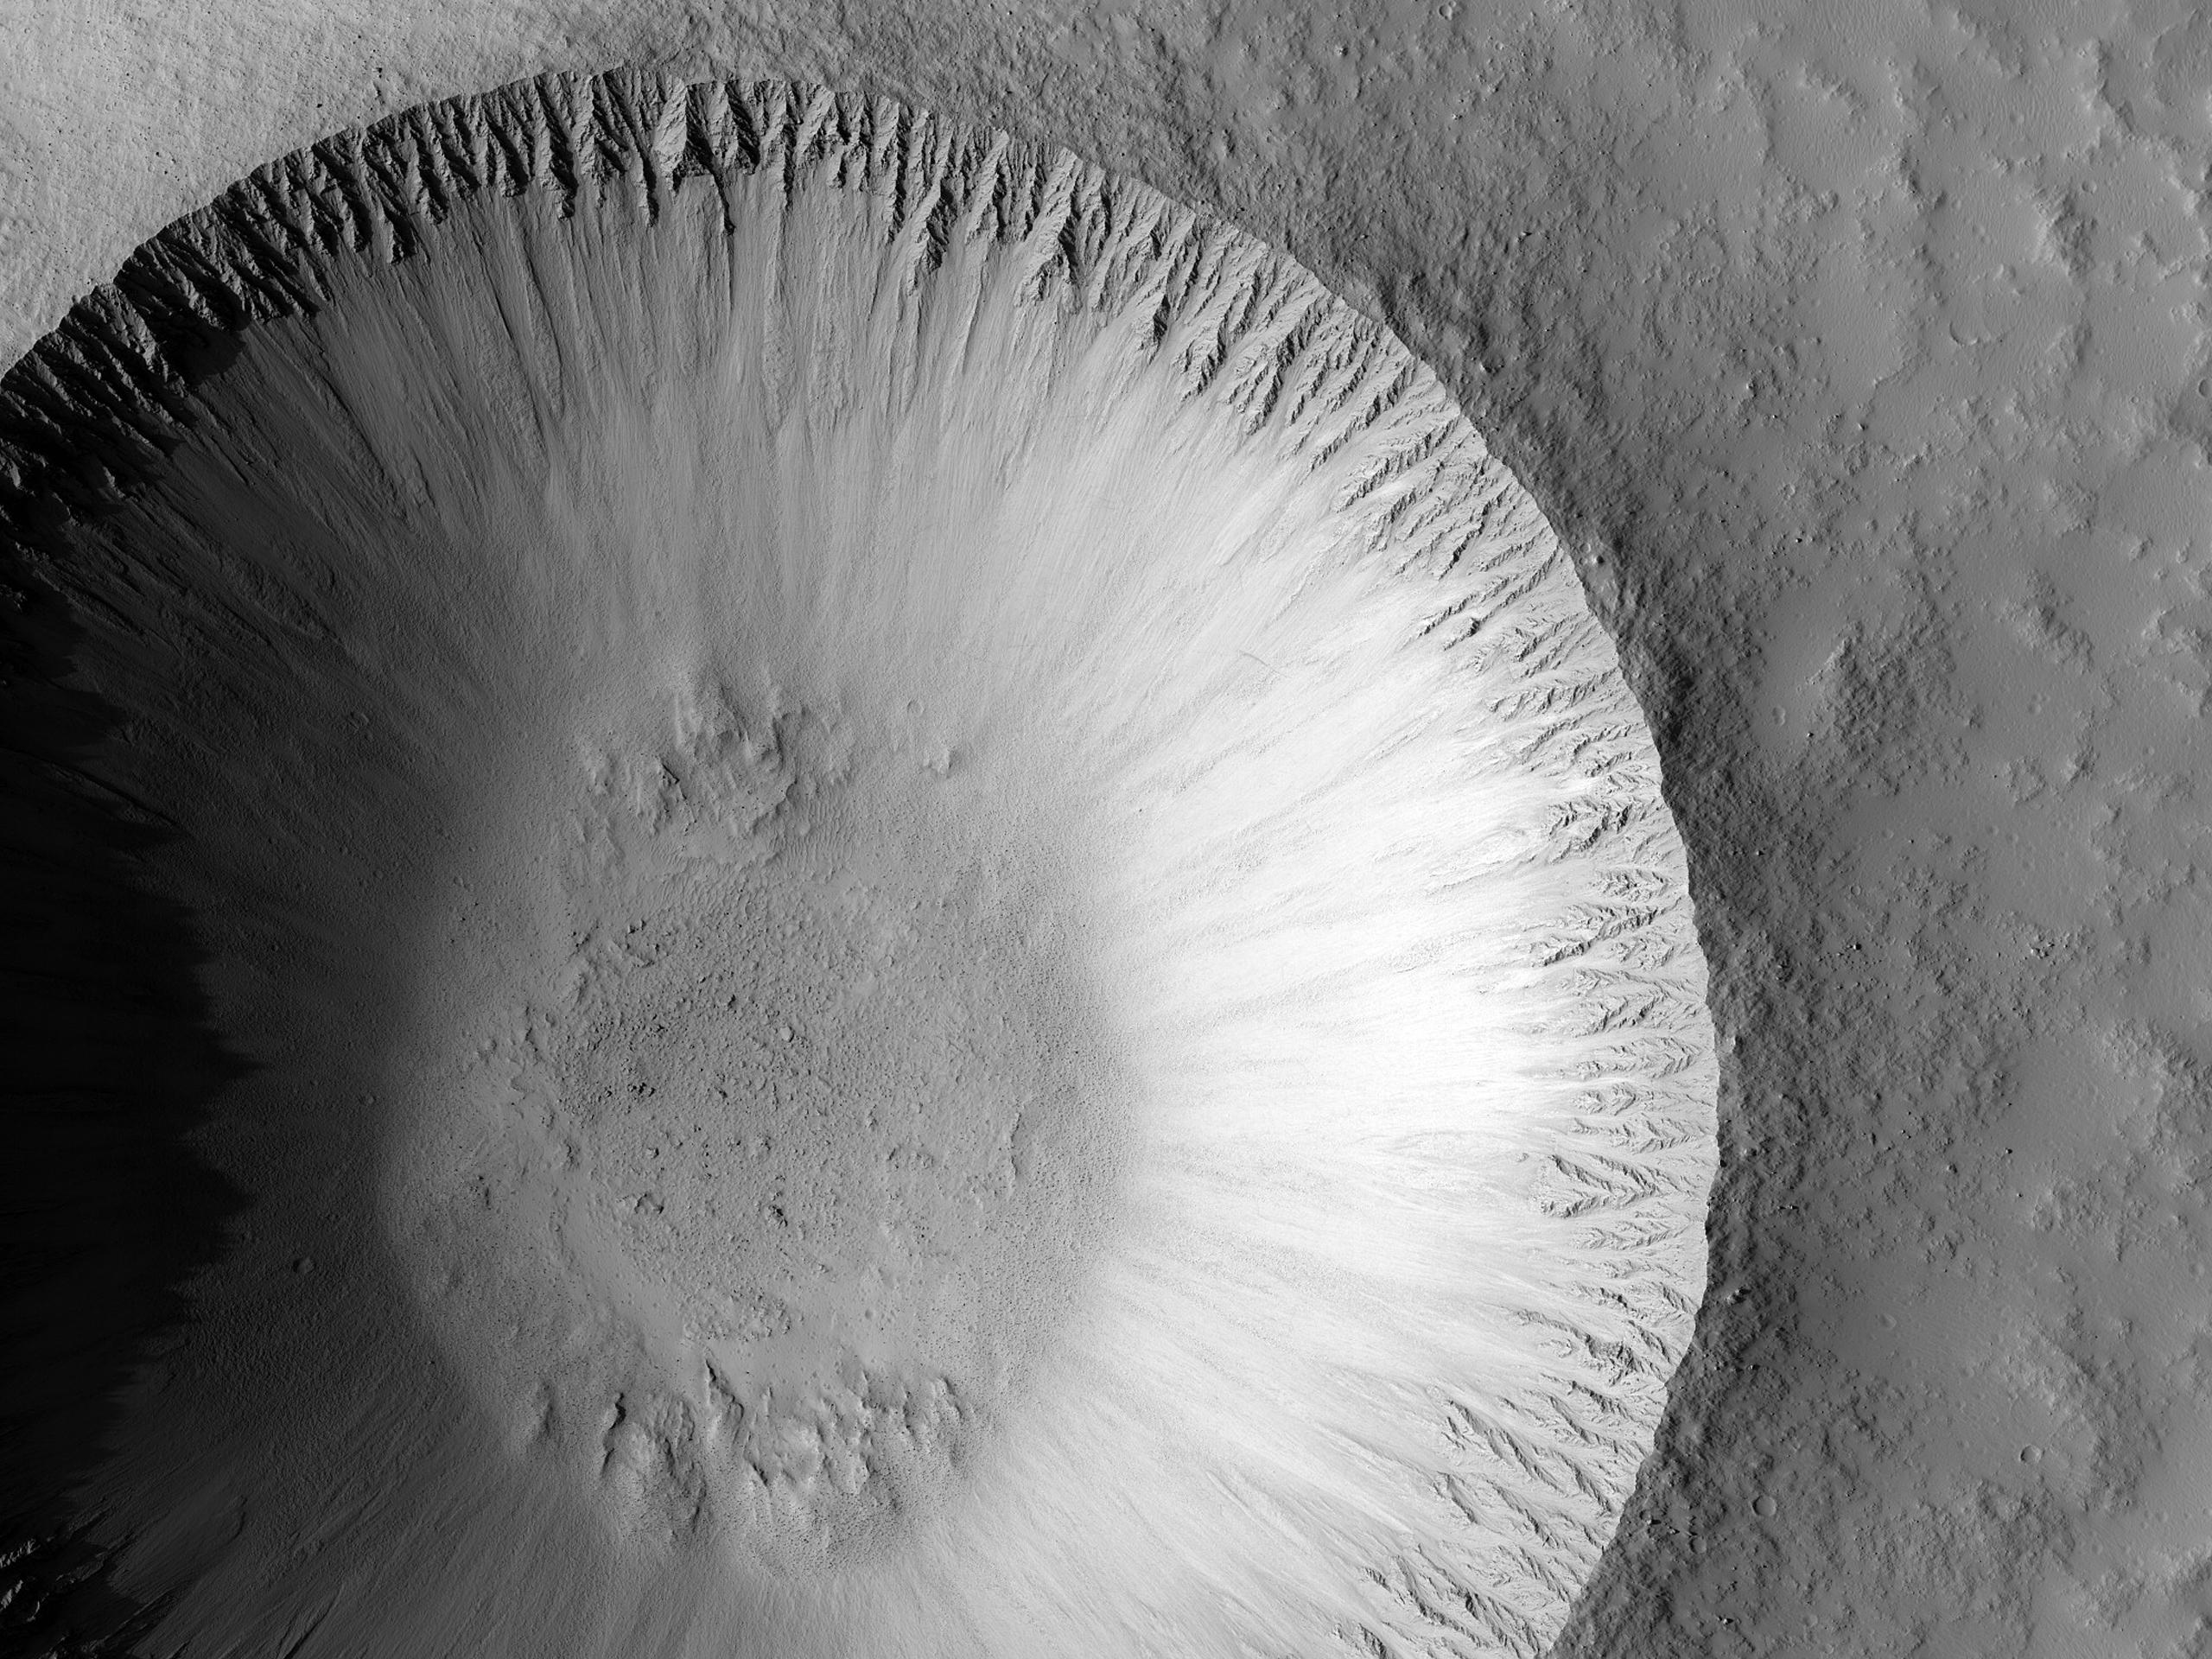 Un cratere marziano recente e simile a quelli della Luna